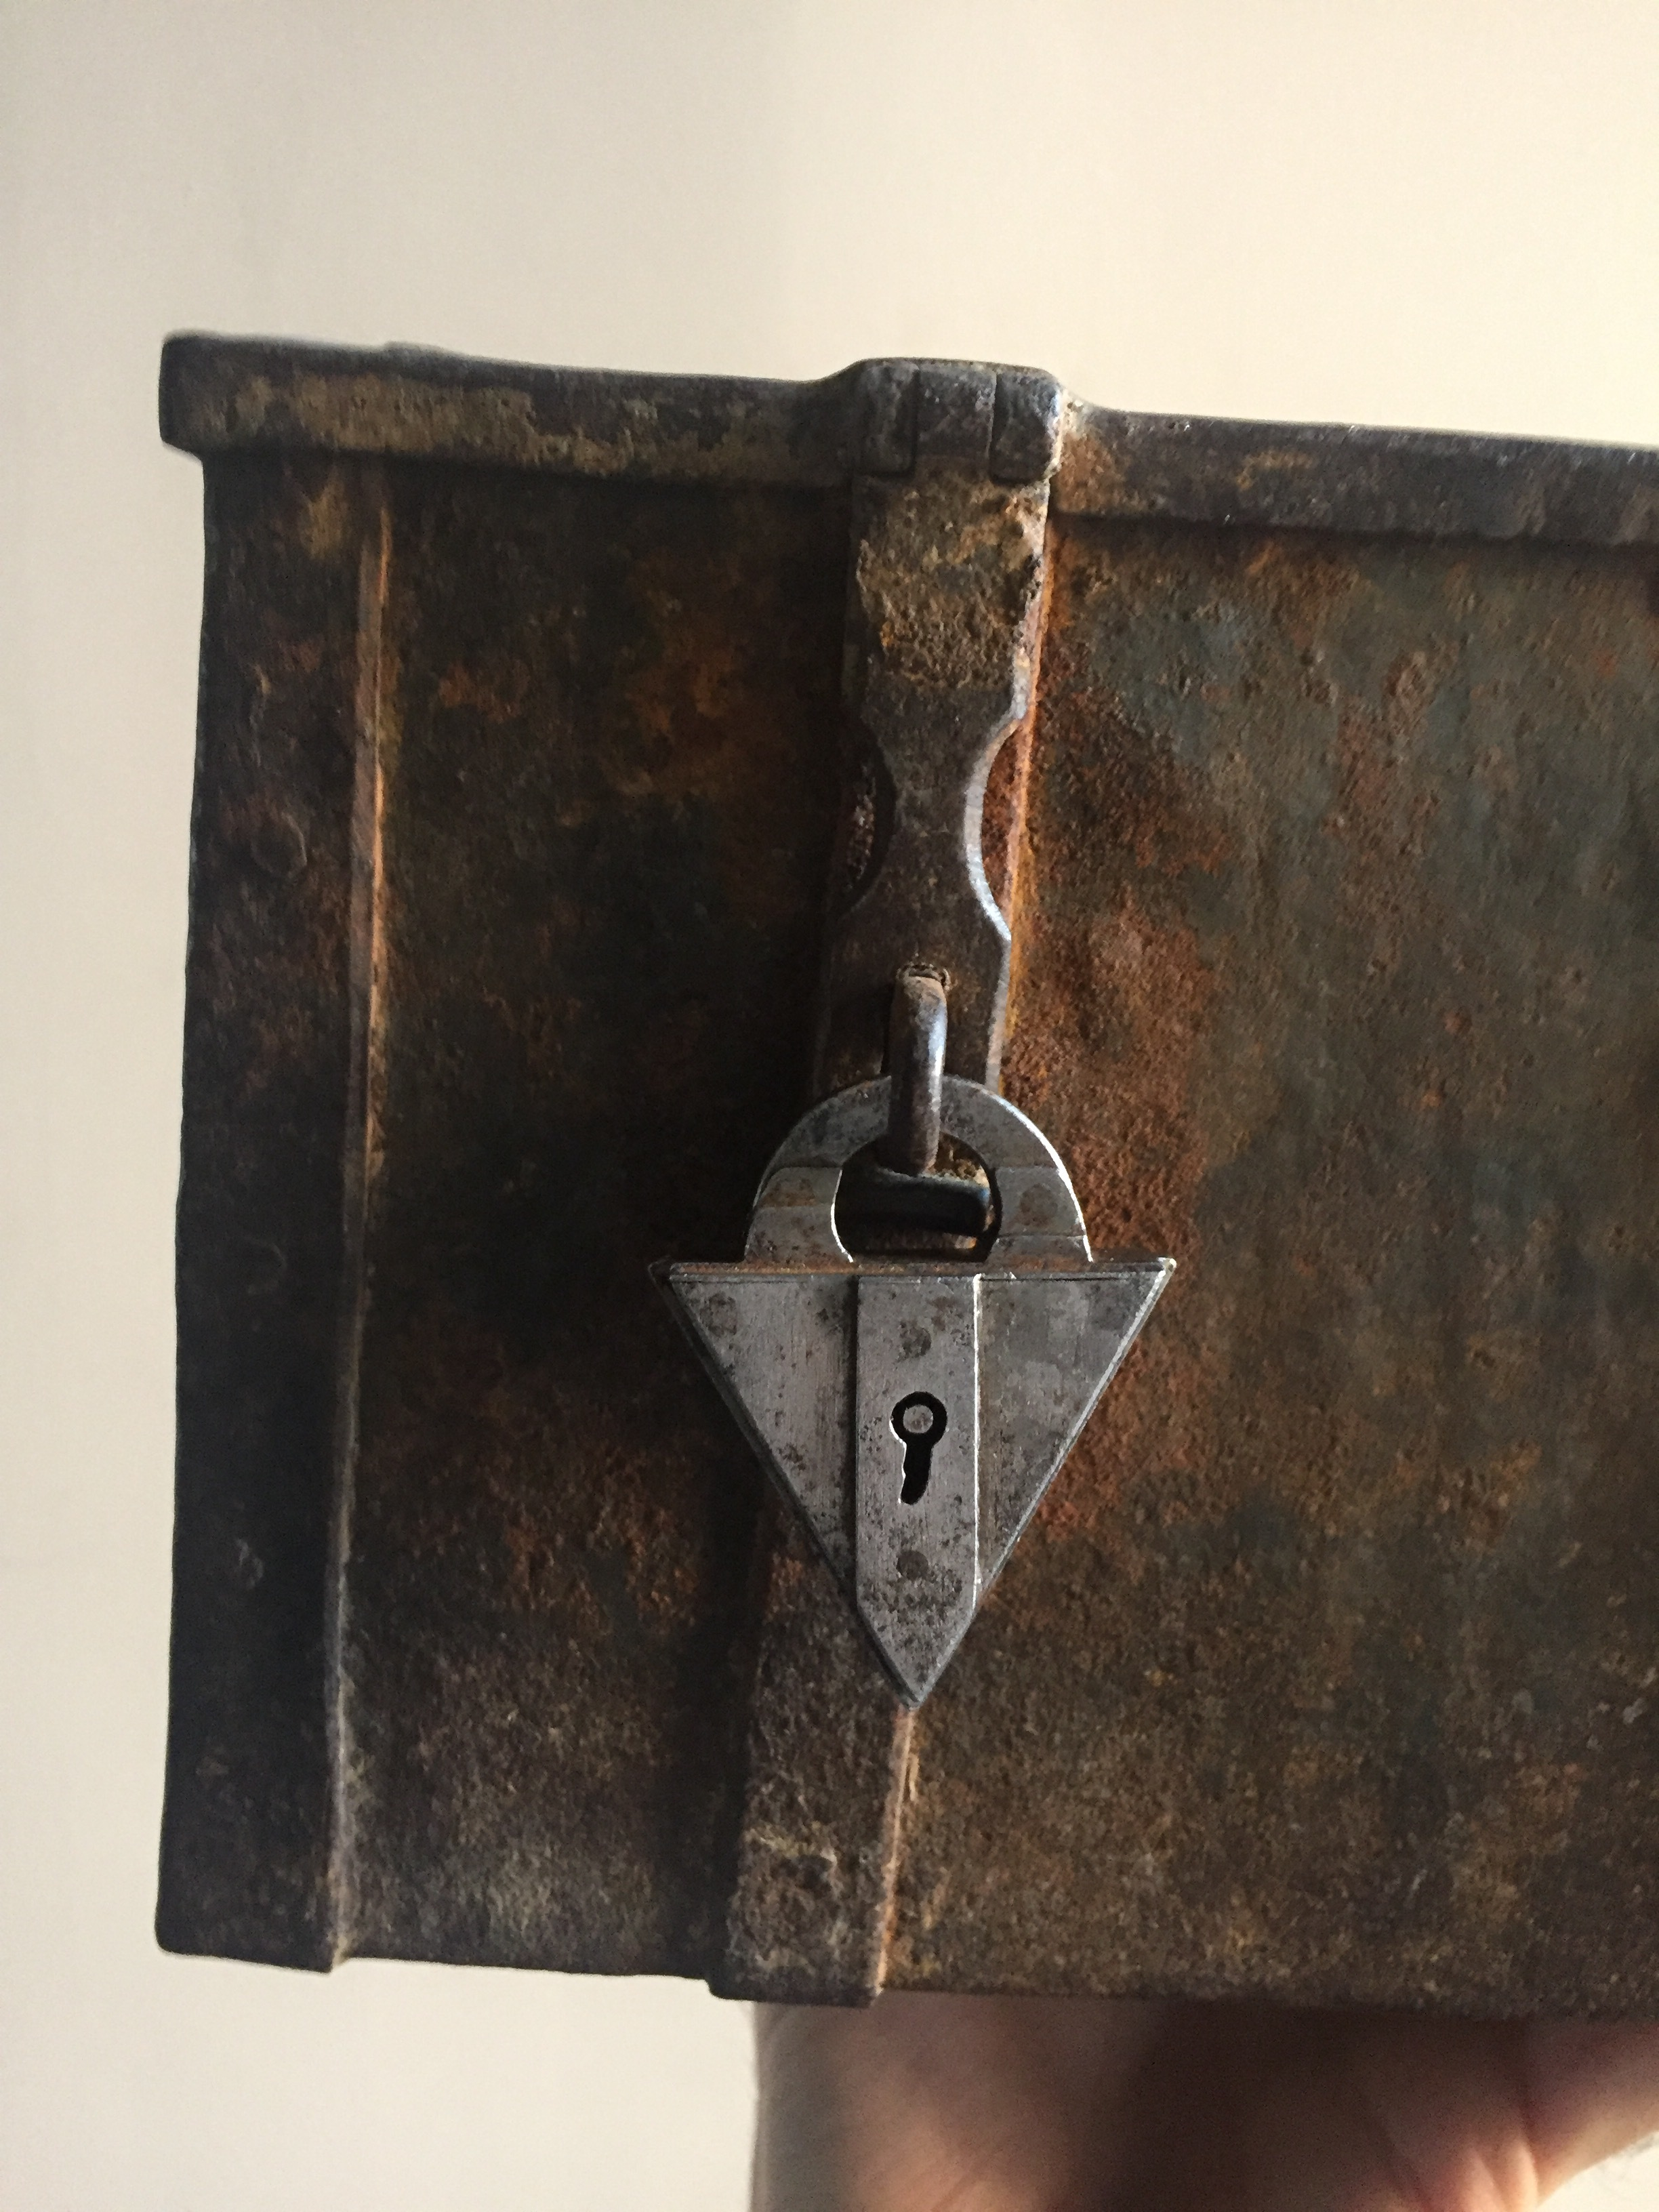 16_11_16_mcnr_two_lock_box_26_TrmkAntqs_0020.JPG